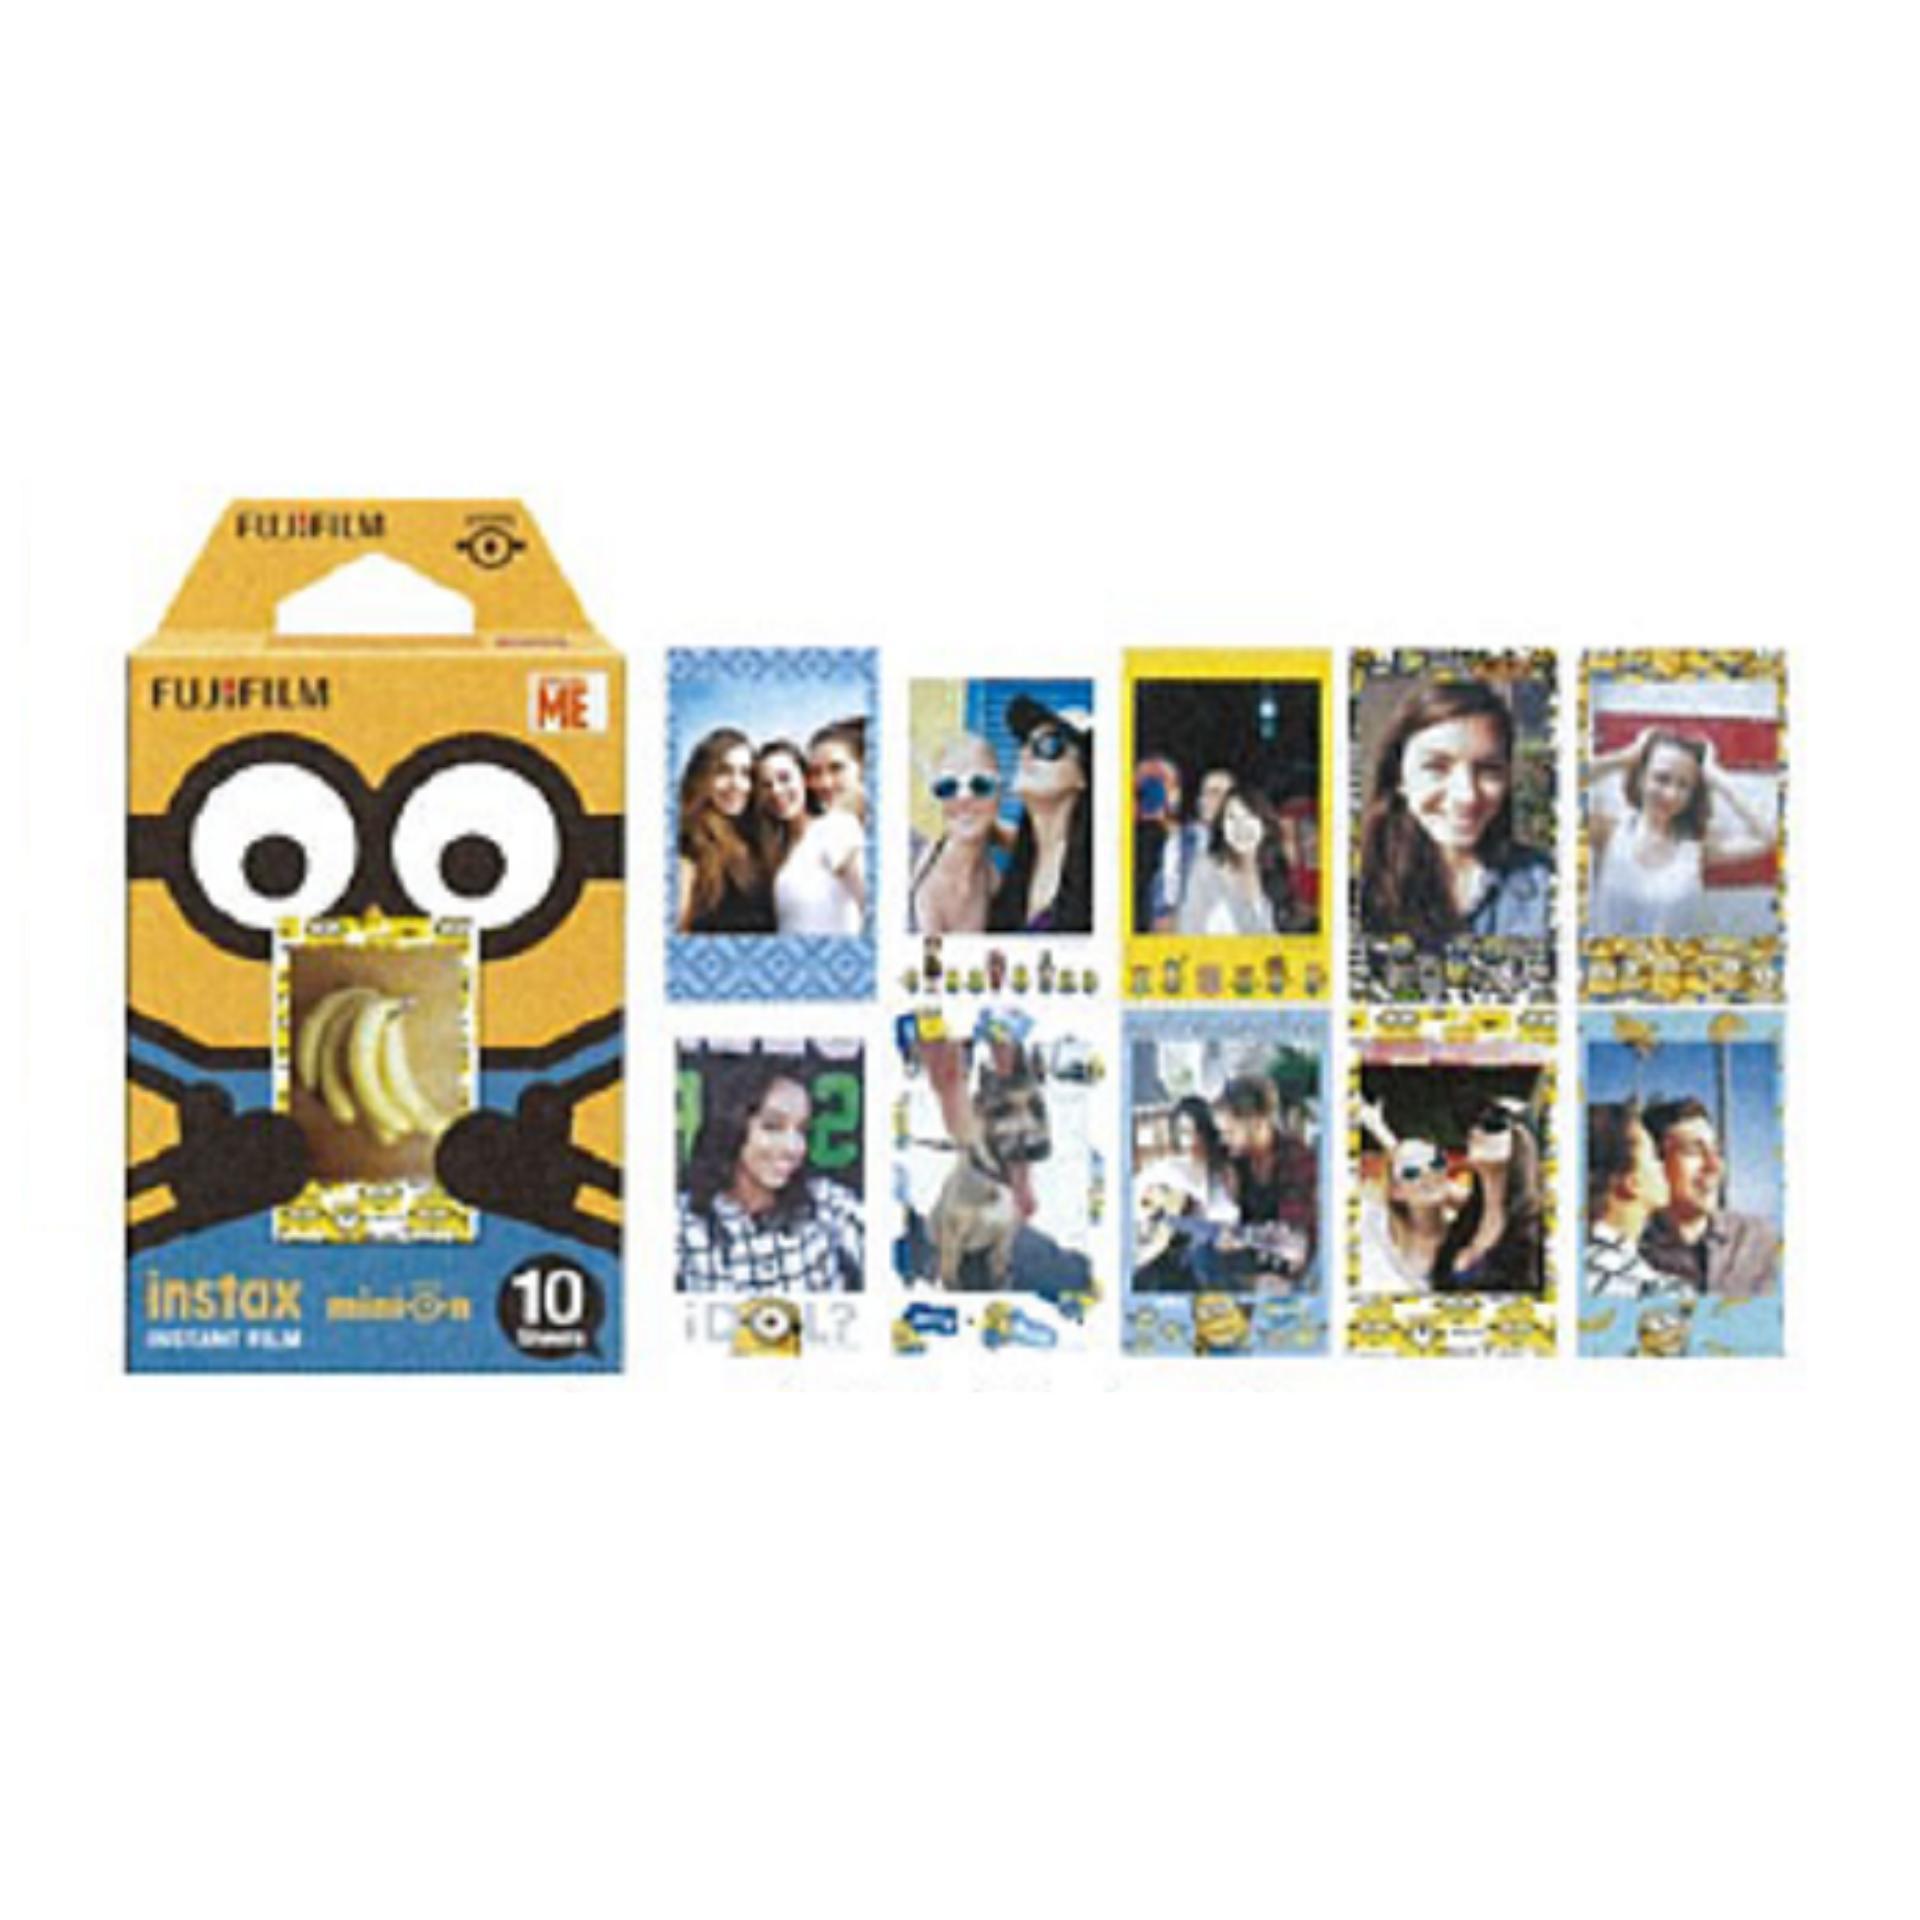 Fujifilm Instax Mini Minion Film (Standard Version)